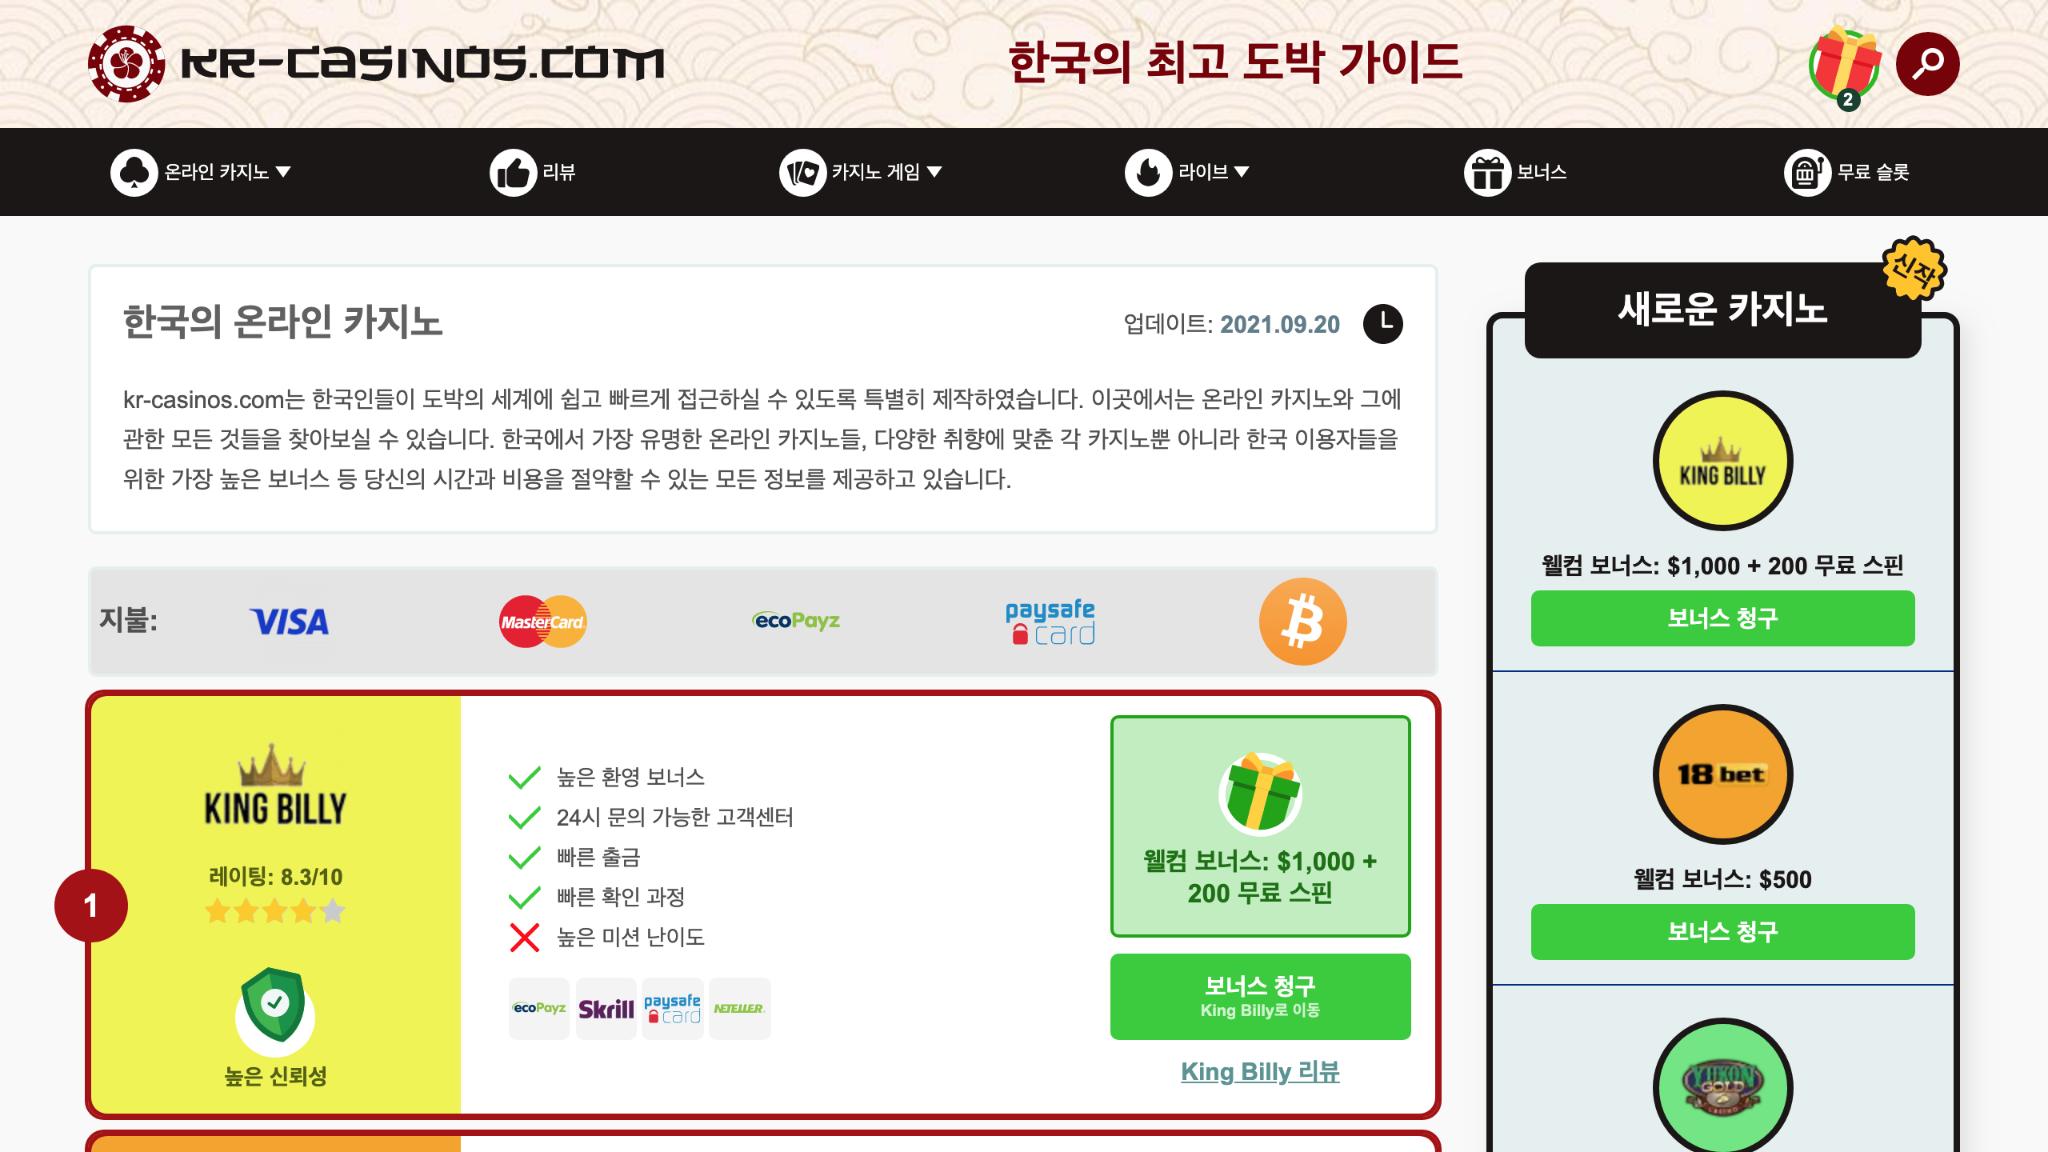 Top of Korean Gambling Market 2